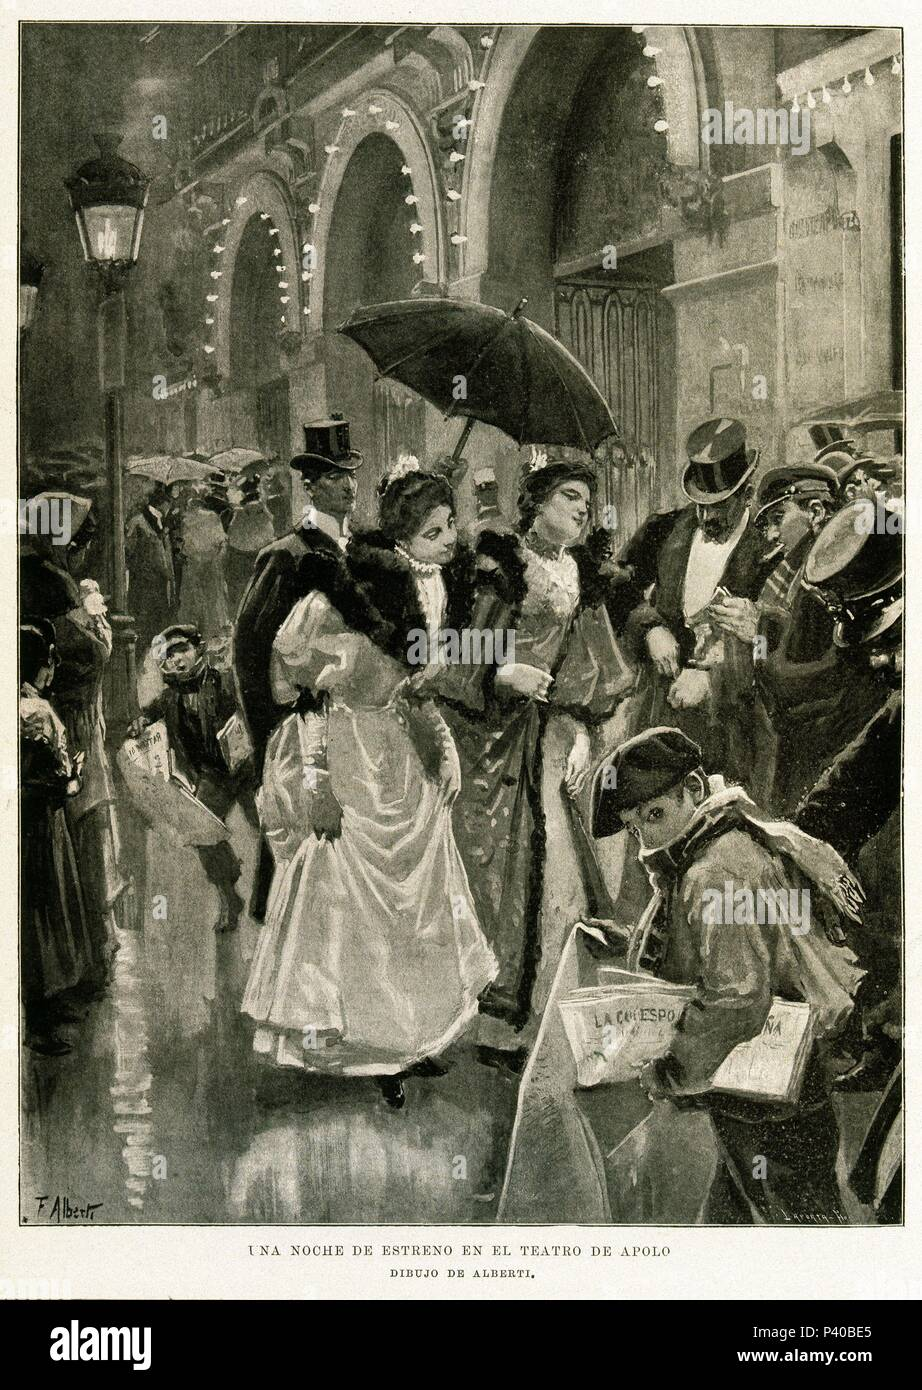 ILUSTRACION ESPAÑOLA Americana - 1896 - UNA NOCHE DE REFRIGERADOR EN EL  TEATRO APOLO - GRABADO SIGLO XIX. Autor  LAPORTA. 1e26026255c